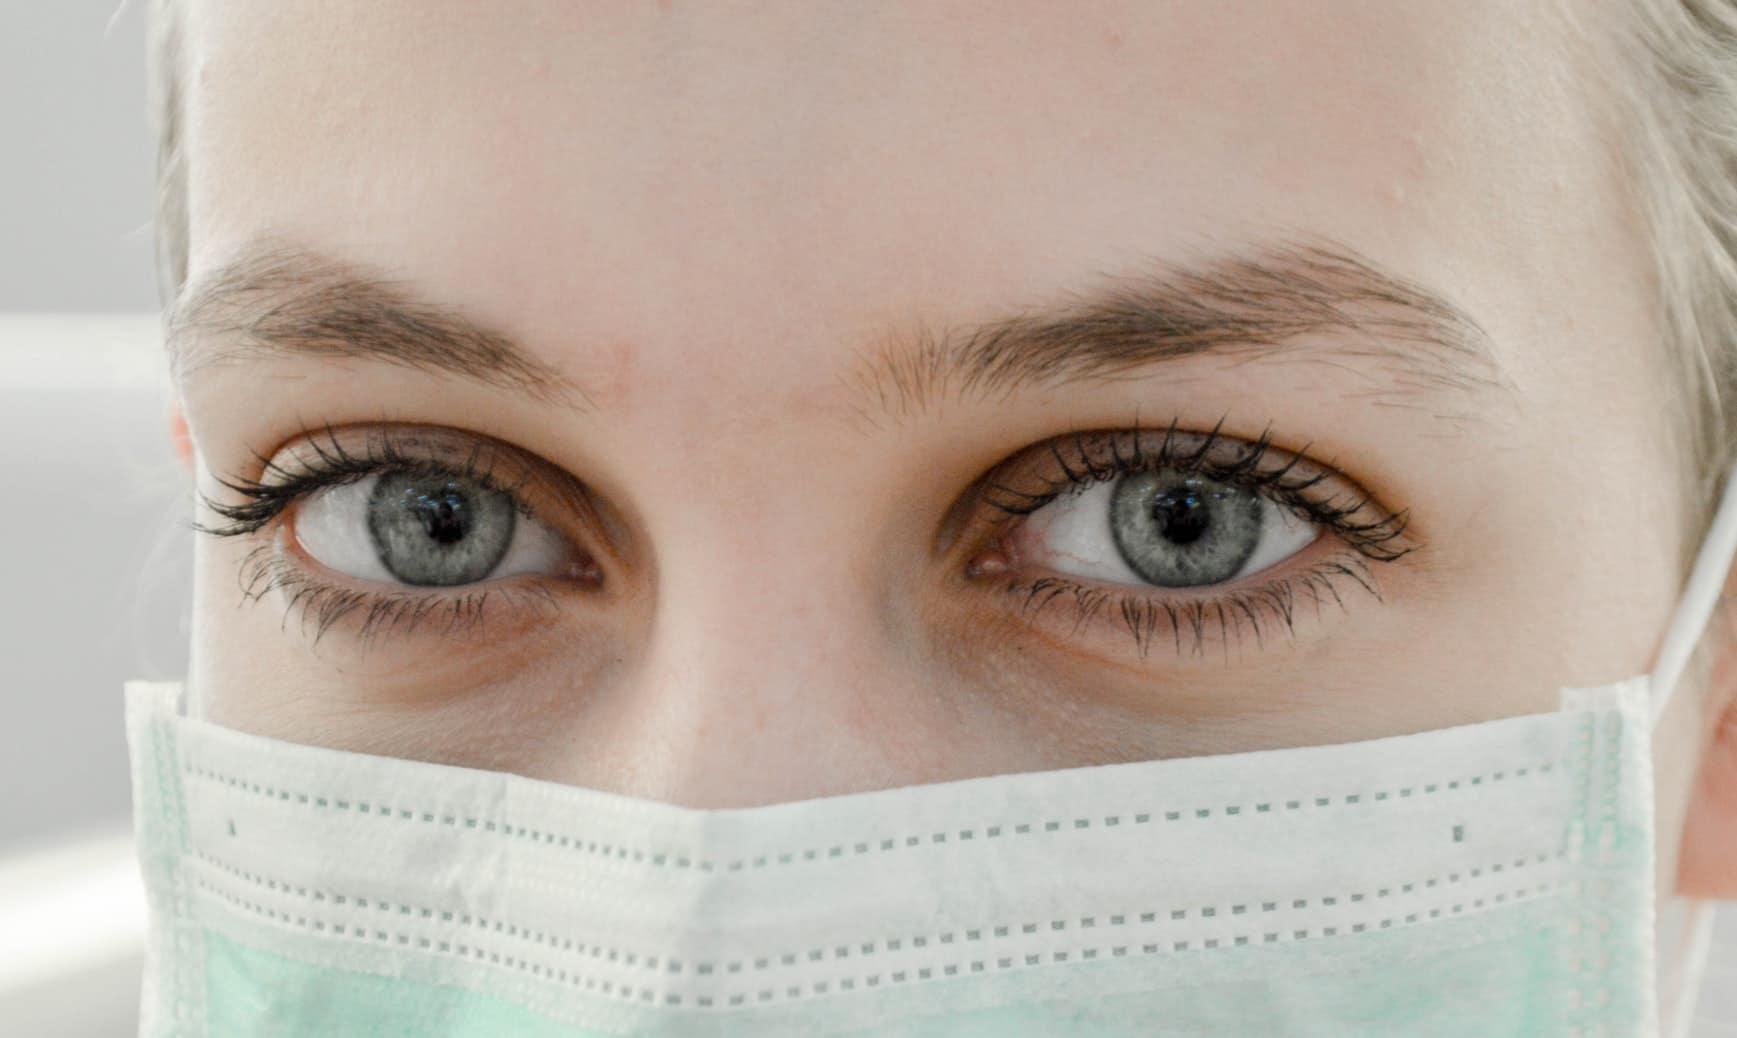 Ce qu'il faut savoir avant de faire une chirurgie esthétique.